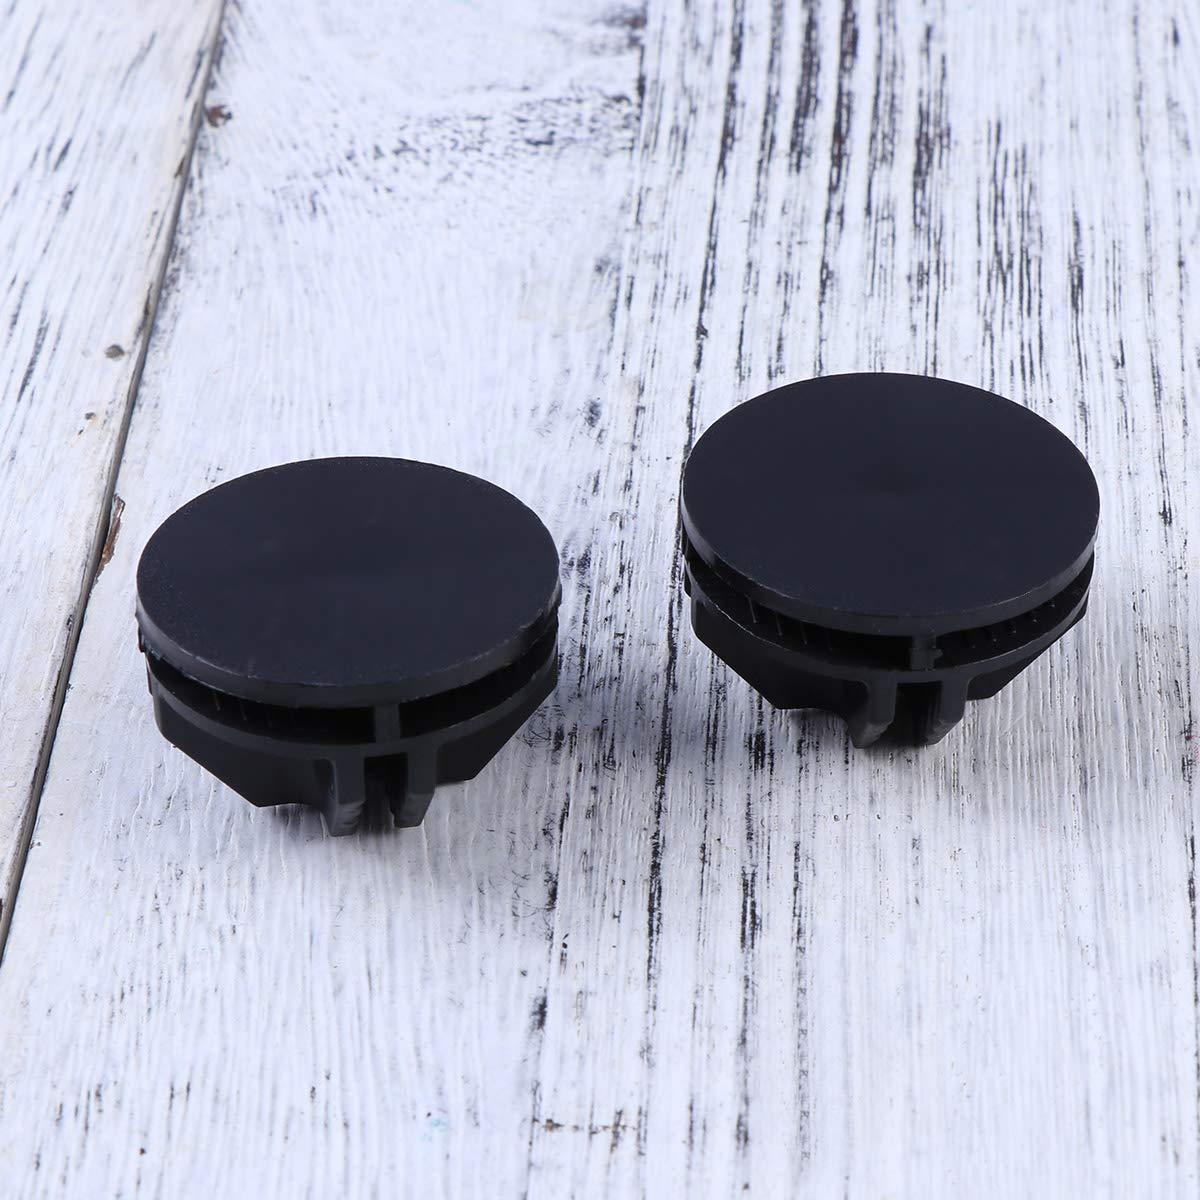 LIOOBO 20pcs Conectores de pl/ástico de Cubo de Alambre para el Armario Organizador Modular y la estanter/ía de Almacenamiento de Cubo de Rejilla de Alambre Negro